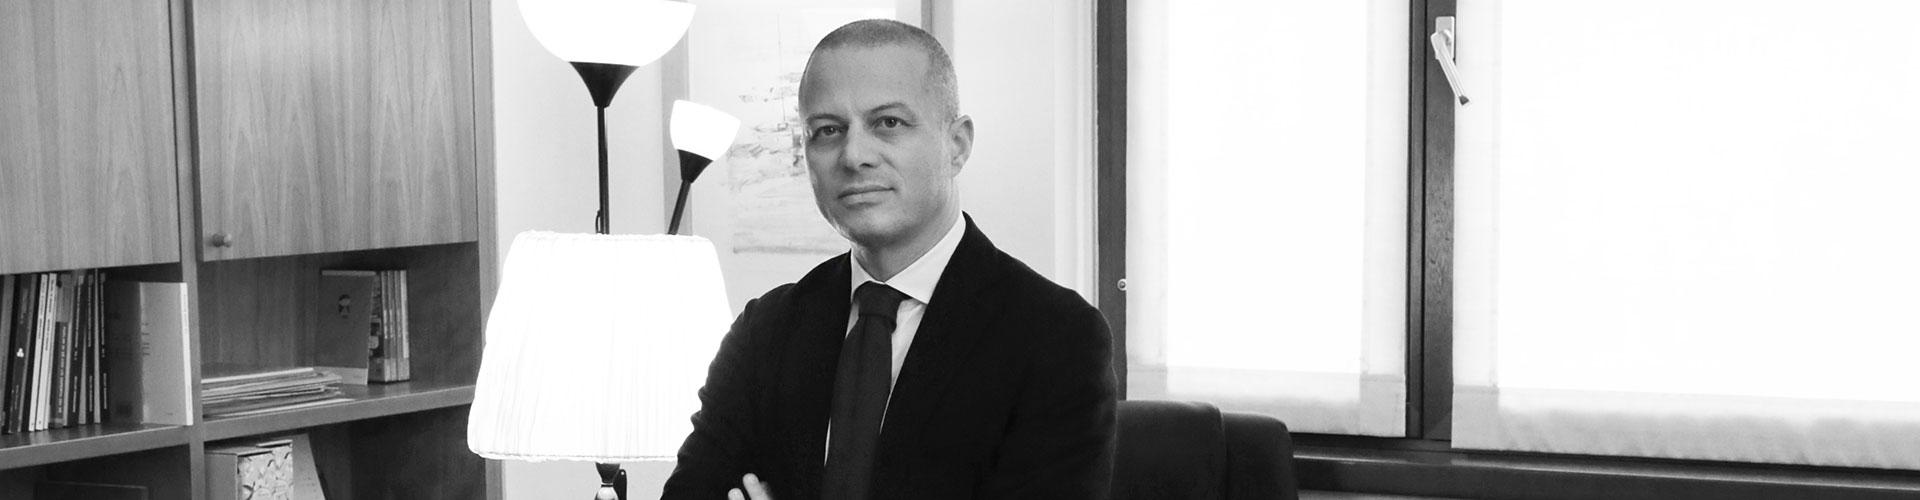 Avvocato Bologna - Studio Legale Andrea Nelli